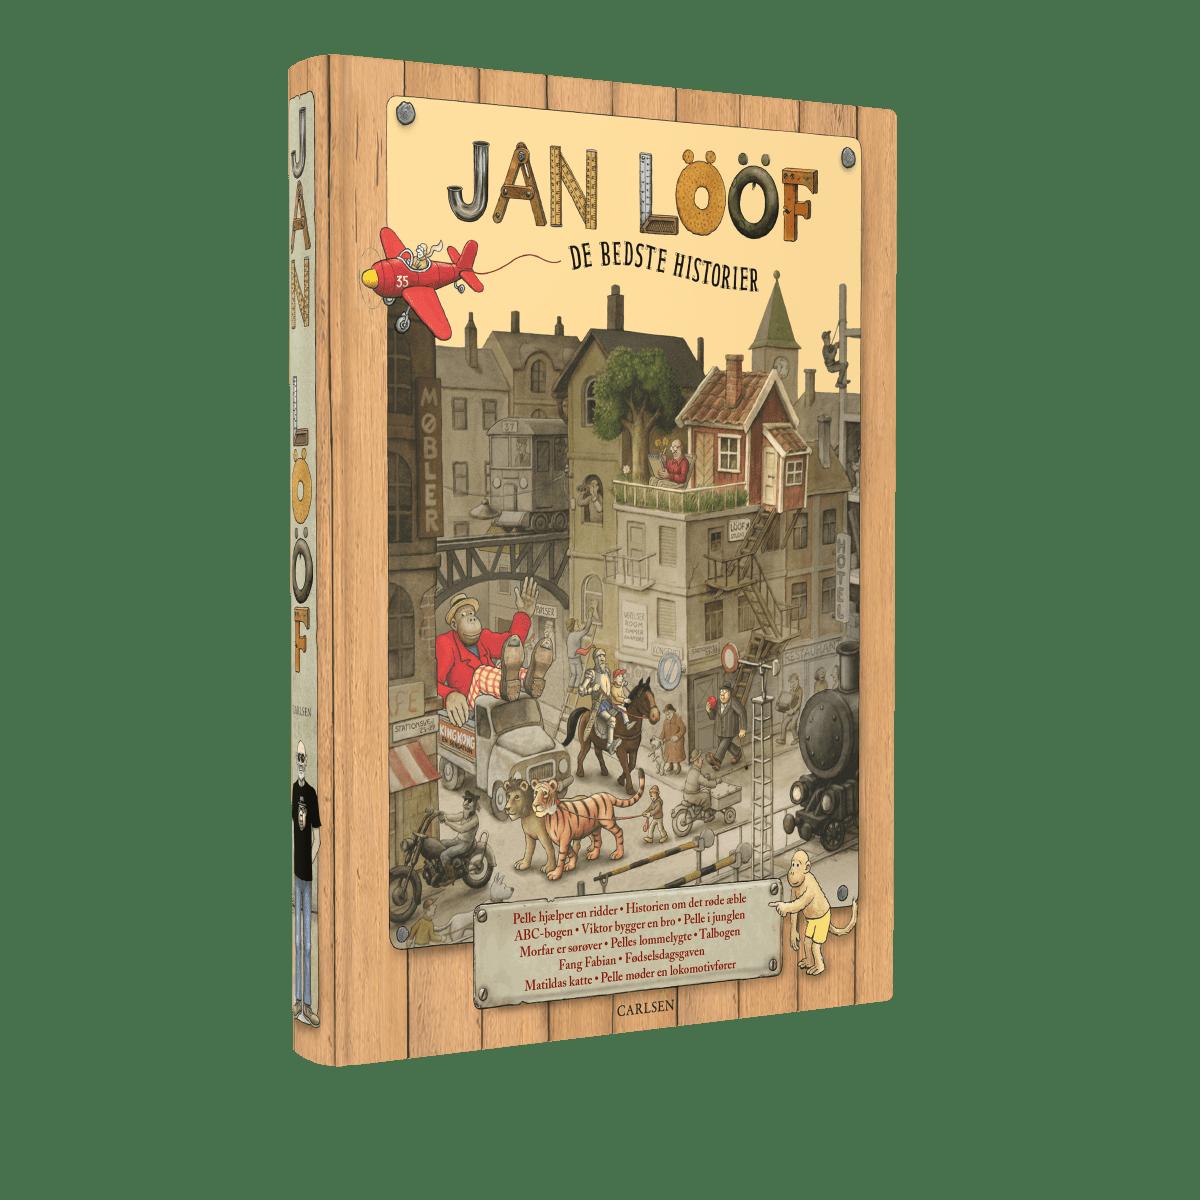 Jan Lööf, de bedste historier, historien om det røde æble, min morfar er sørøver, højtlæsning, børnebøger